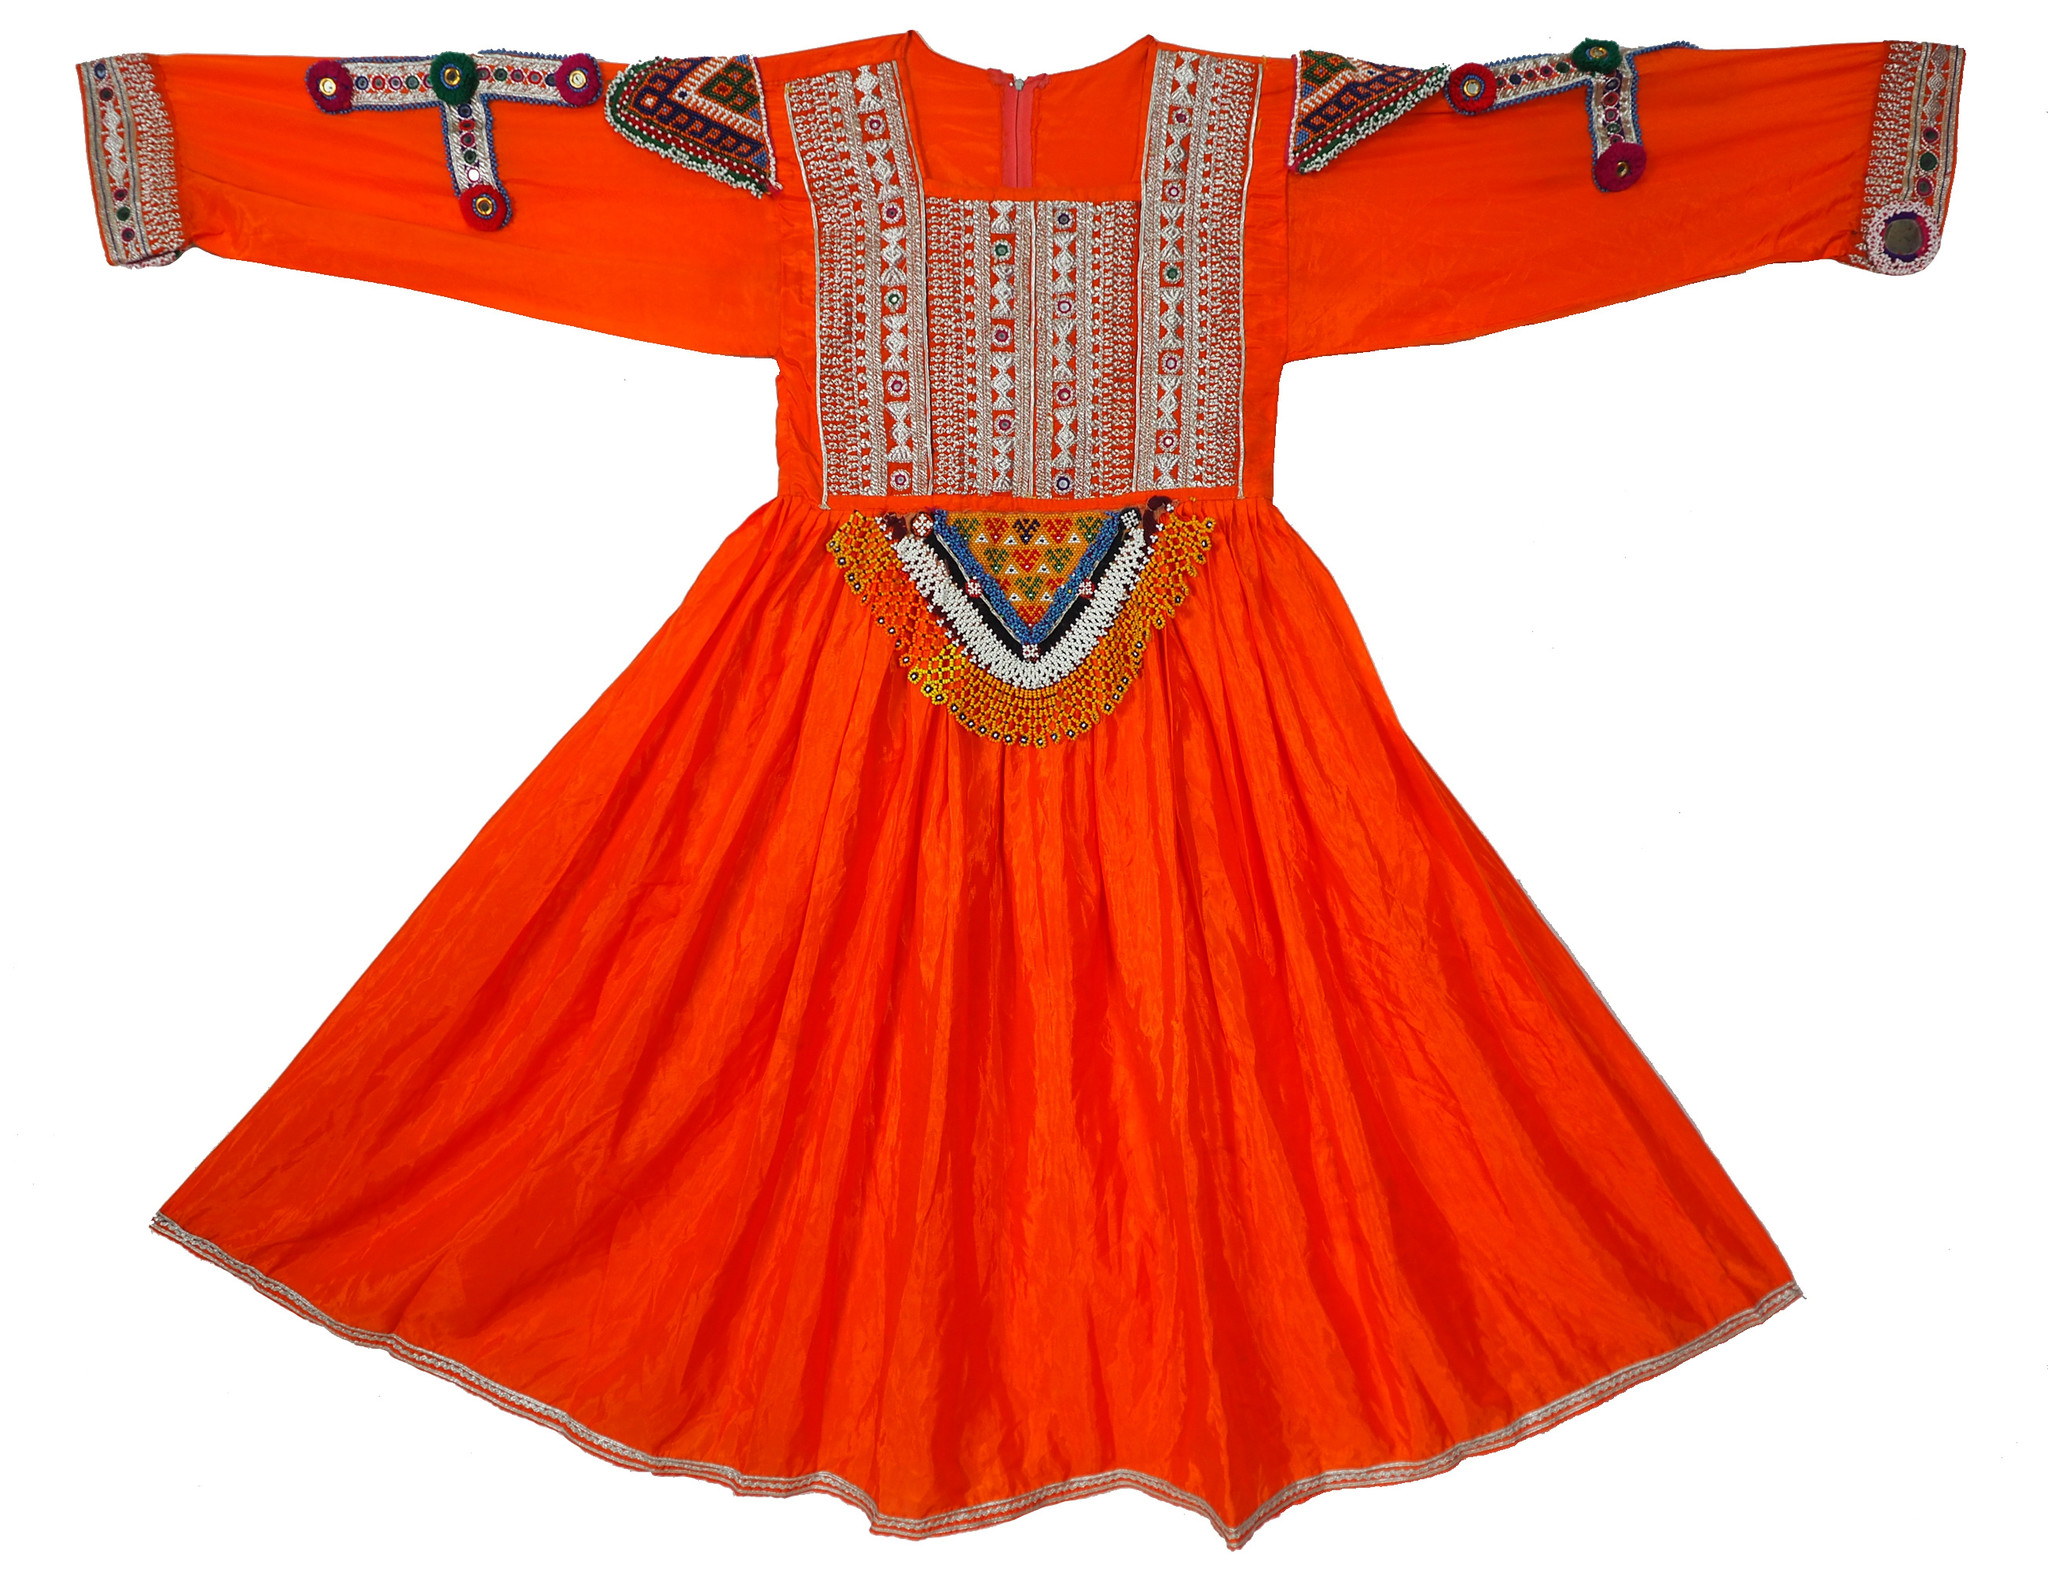 hand bestickt Nomaden kuchi frauen Hochzeit Tracht aus afghanistan  Nr-WL21-3